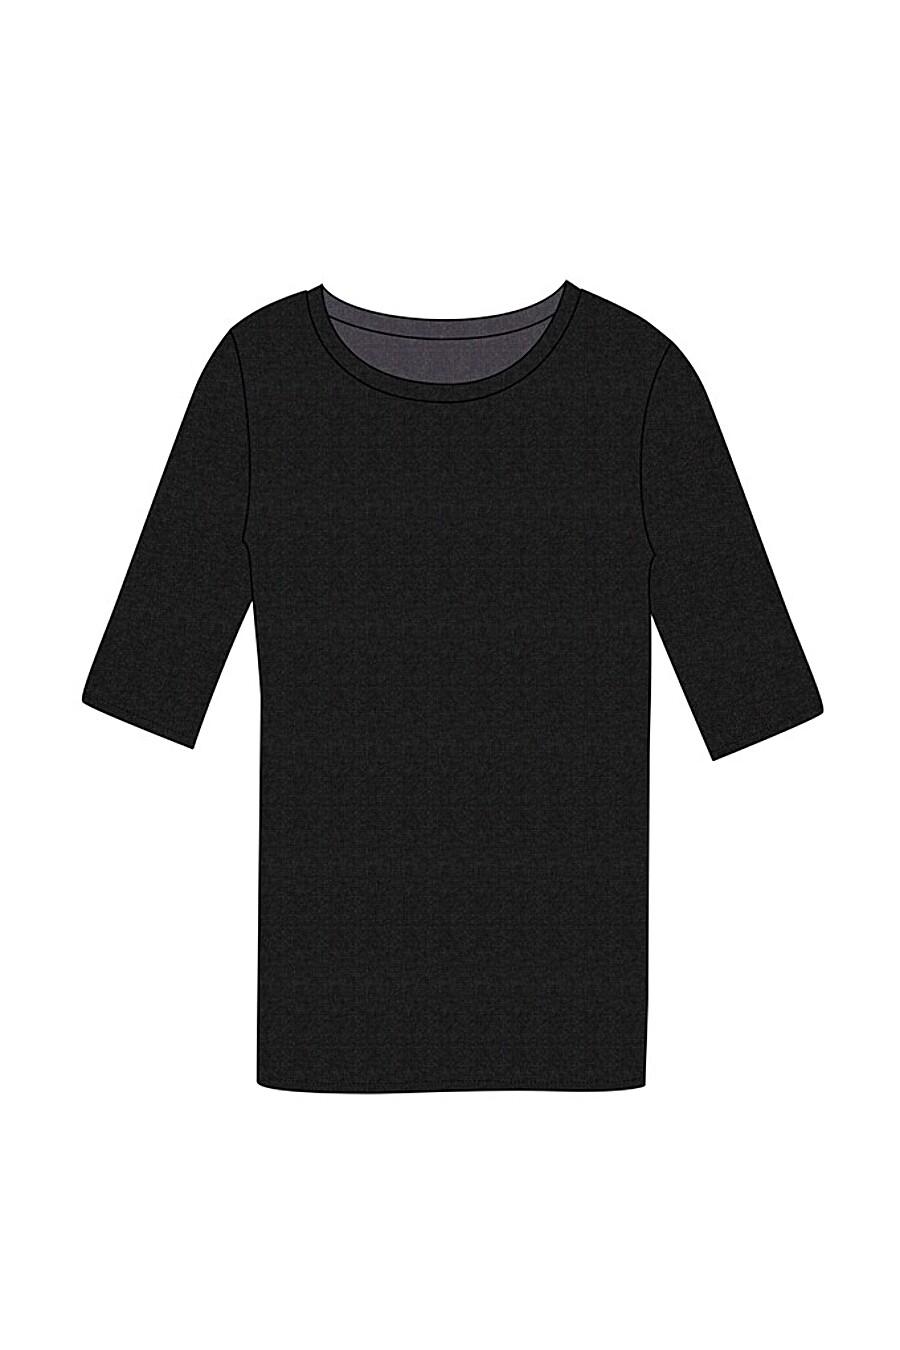 Футболка  для женщин АПРЕЛЬ 707982 купить оптом от производителя. Совместная покупка женской одежды в OptMoyo